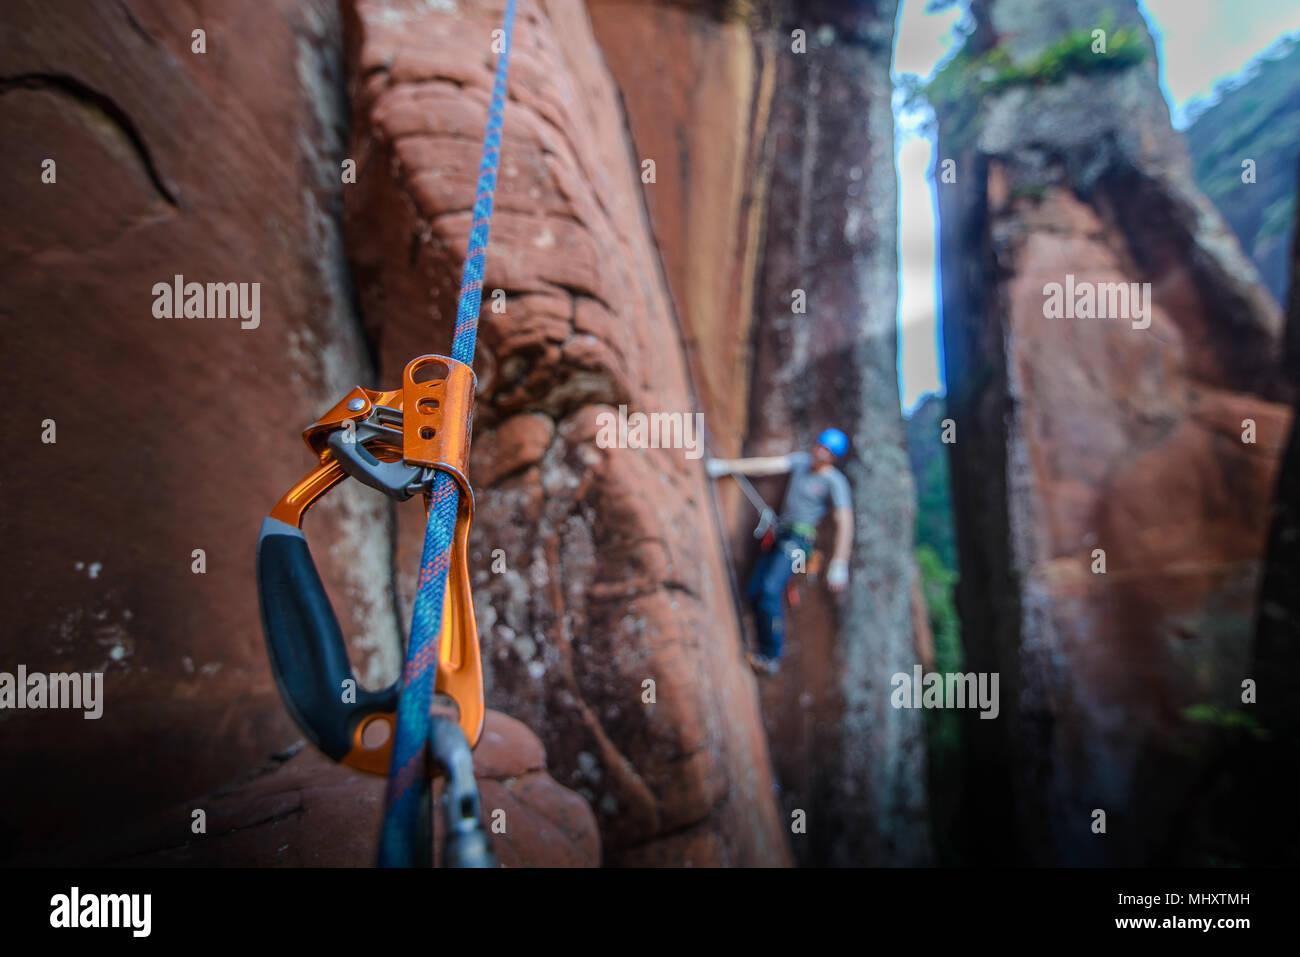 Scalatore di arrampicata su roccia arenaria, concentrarsi sulle apparecchiature in primo piano, la calcinazione, nella provincia dello Yunnan in Cina Immagini Stock